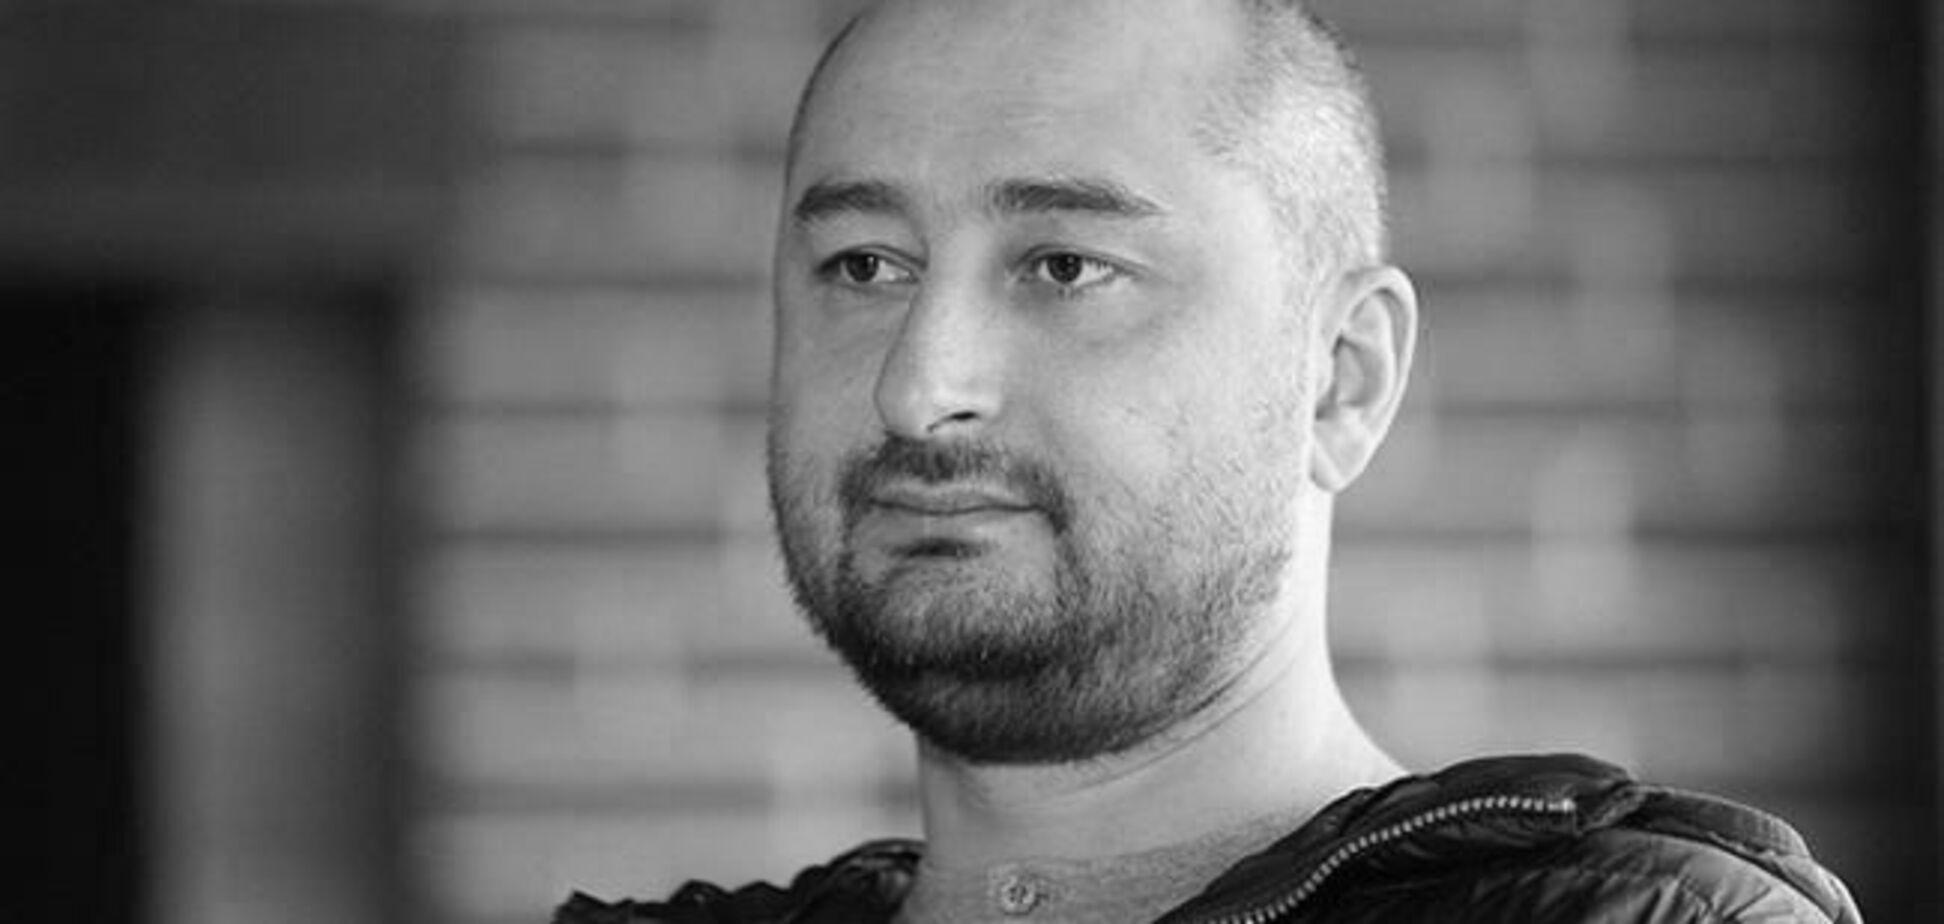 Кулі в легенях і серці: спливли нові деталі вбивства Бабченка